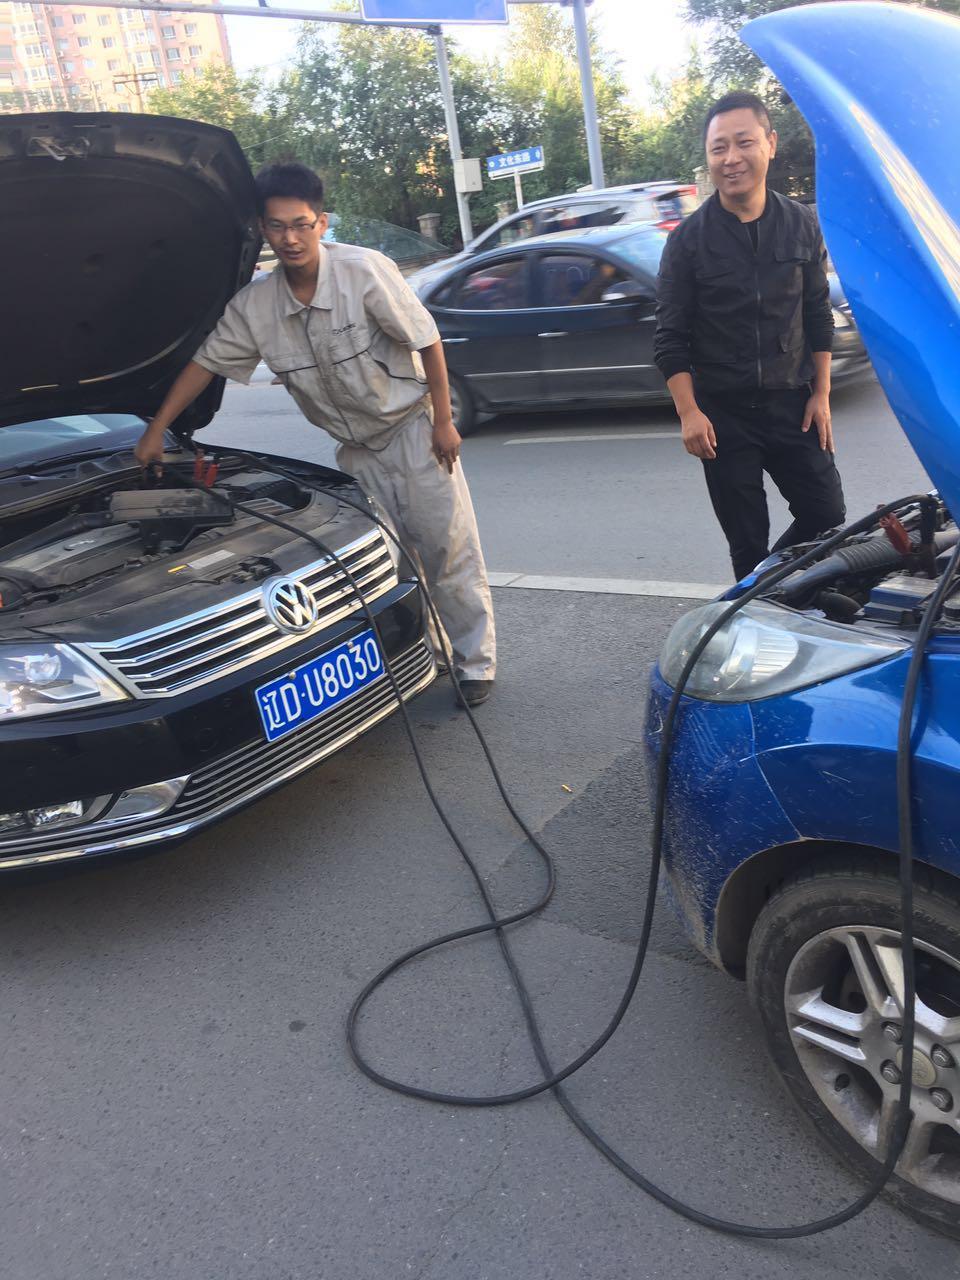 吉林豐田專業維修|專業的專業維修豐田公司當選沈陽君興源汽車維修